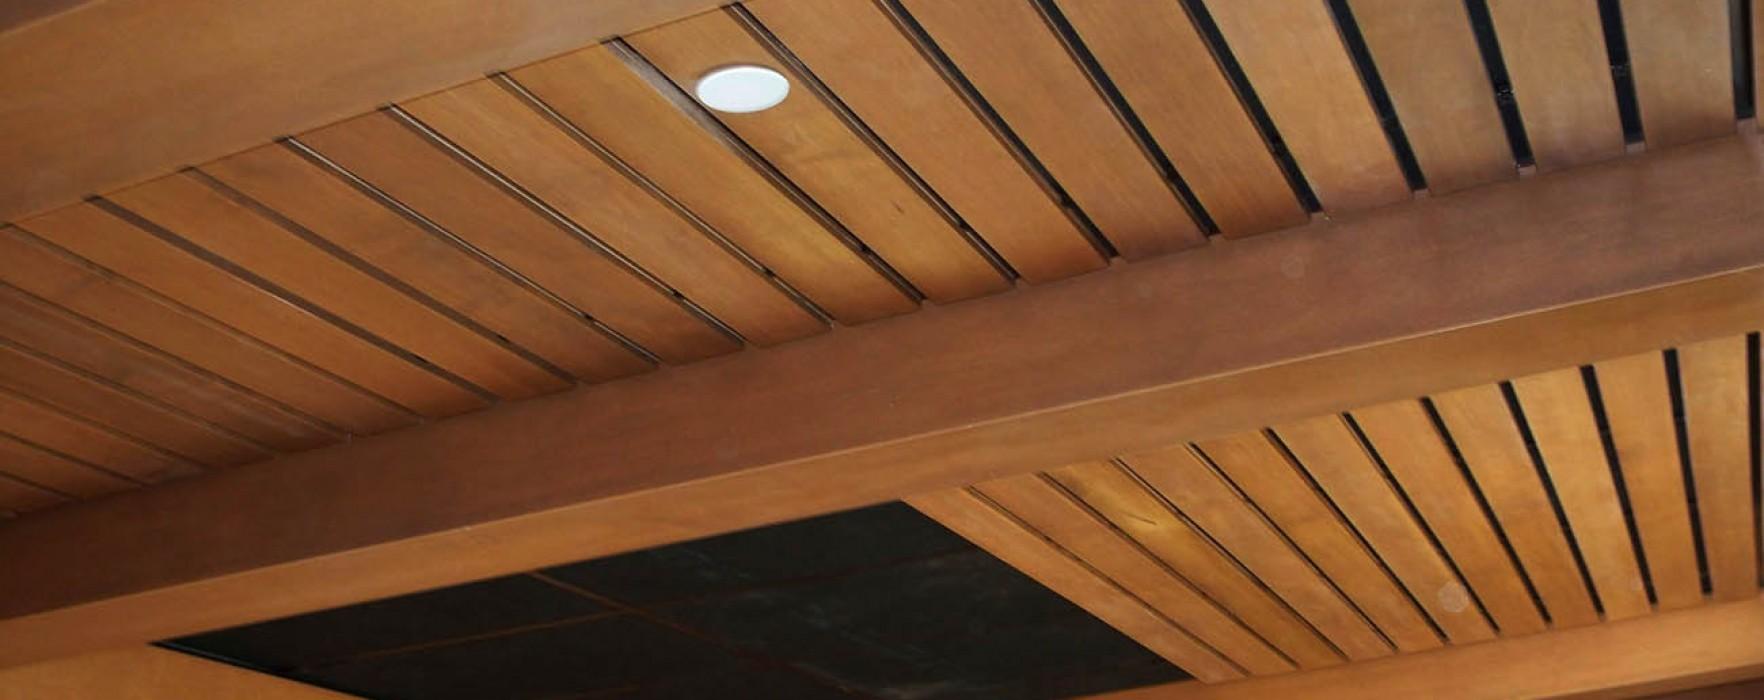 Sostituzione Travi In Legno Solai il solaio delle case in legno | caseprefabbricateinlegno.it